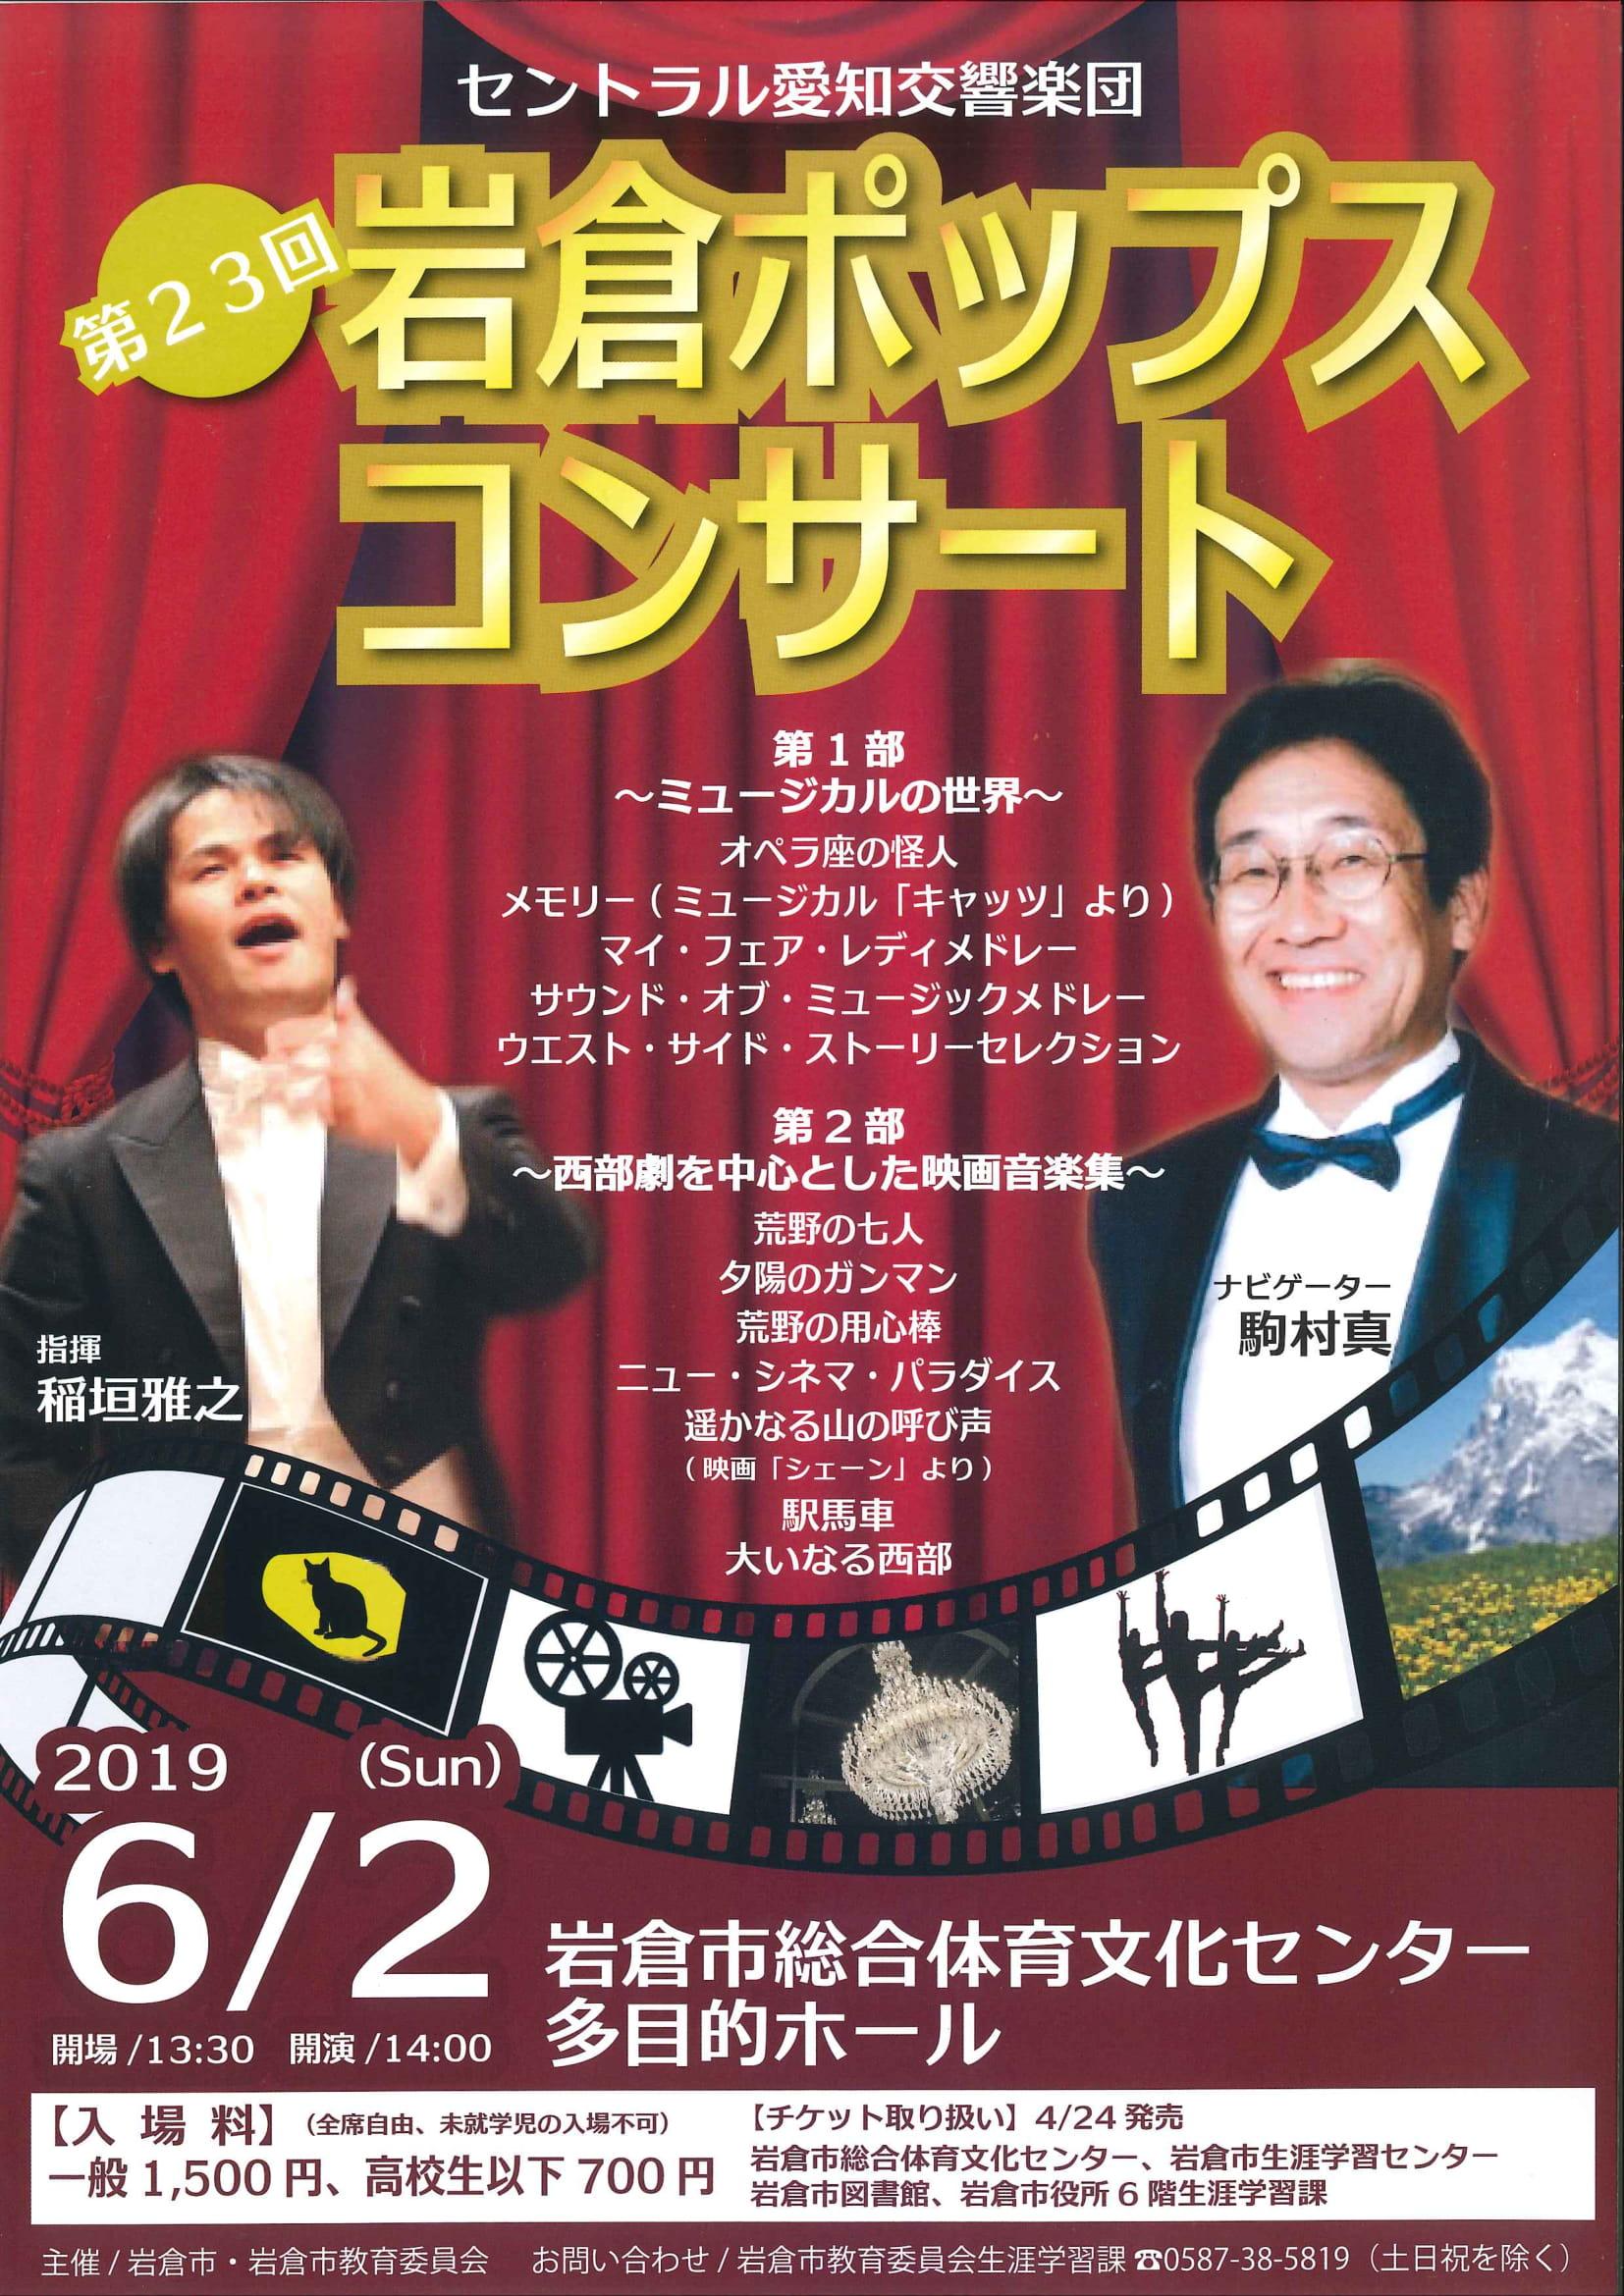 セントラル愛知交響楽団 第23回 岩倉ポップスコンサート